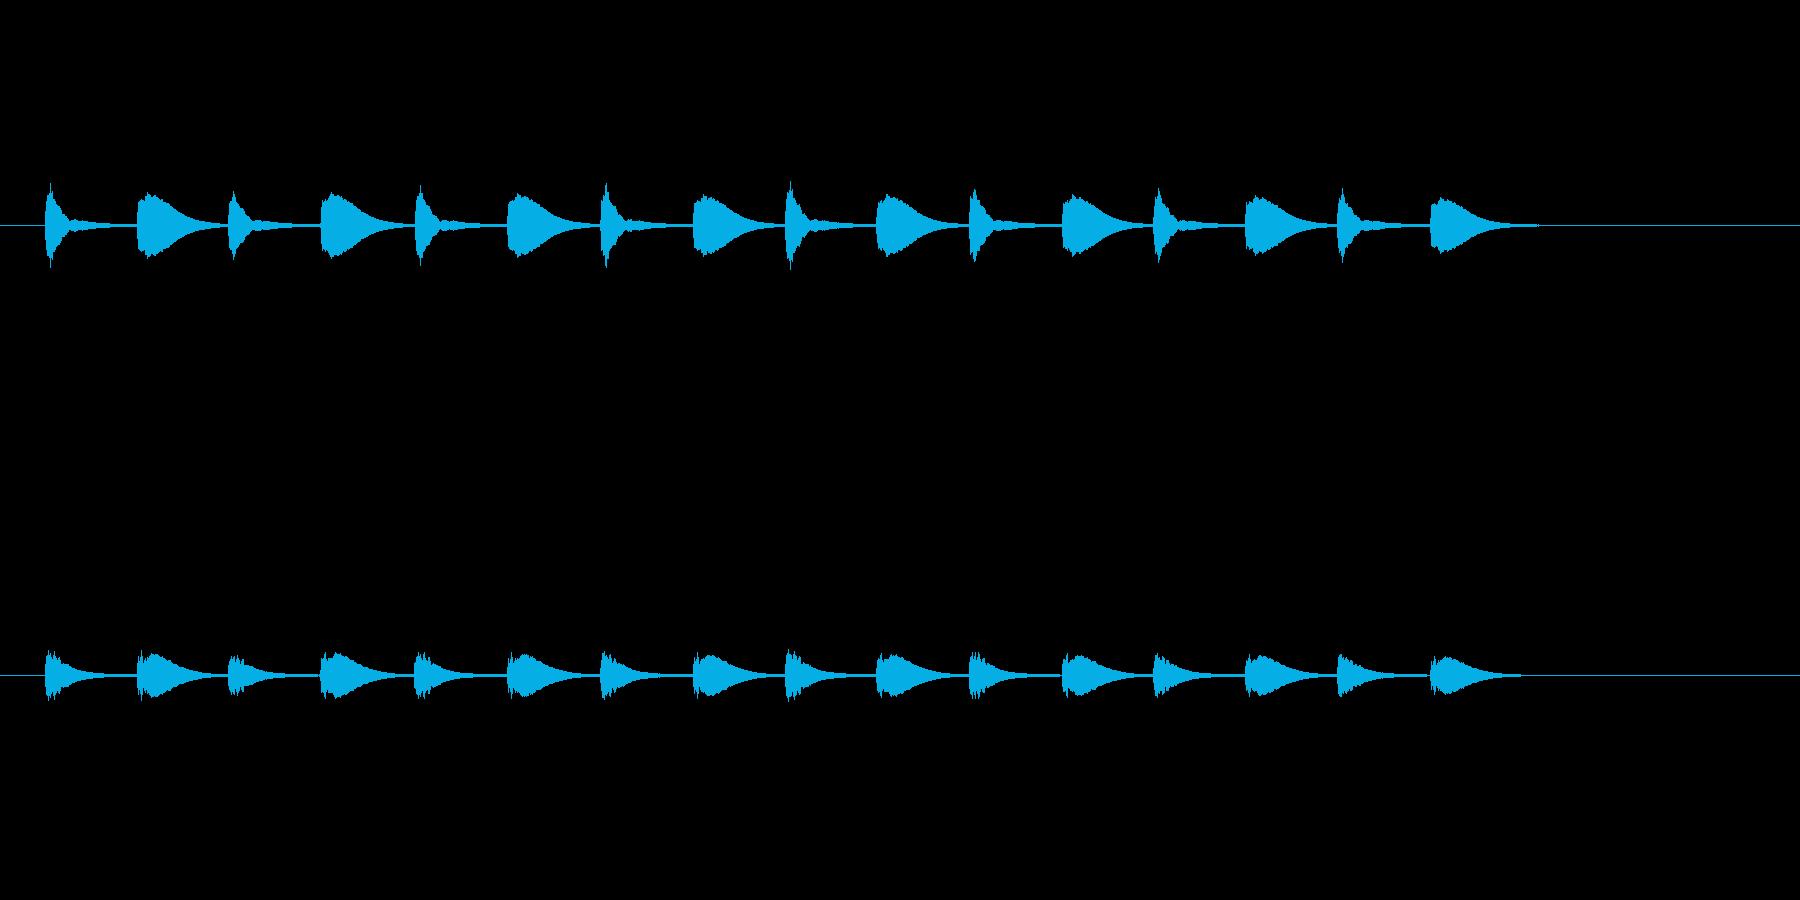 考え中…の再生済みの波形